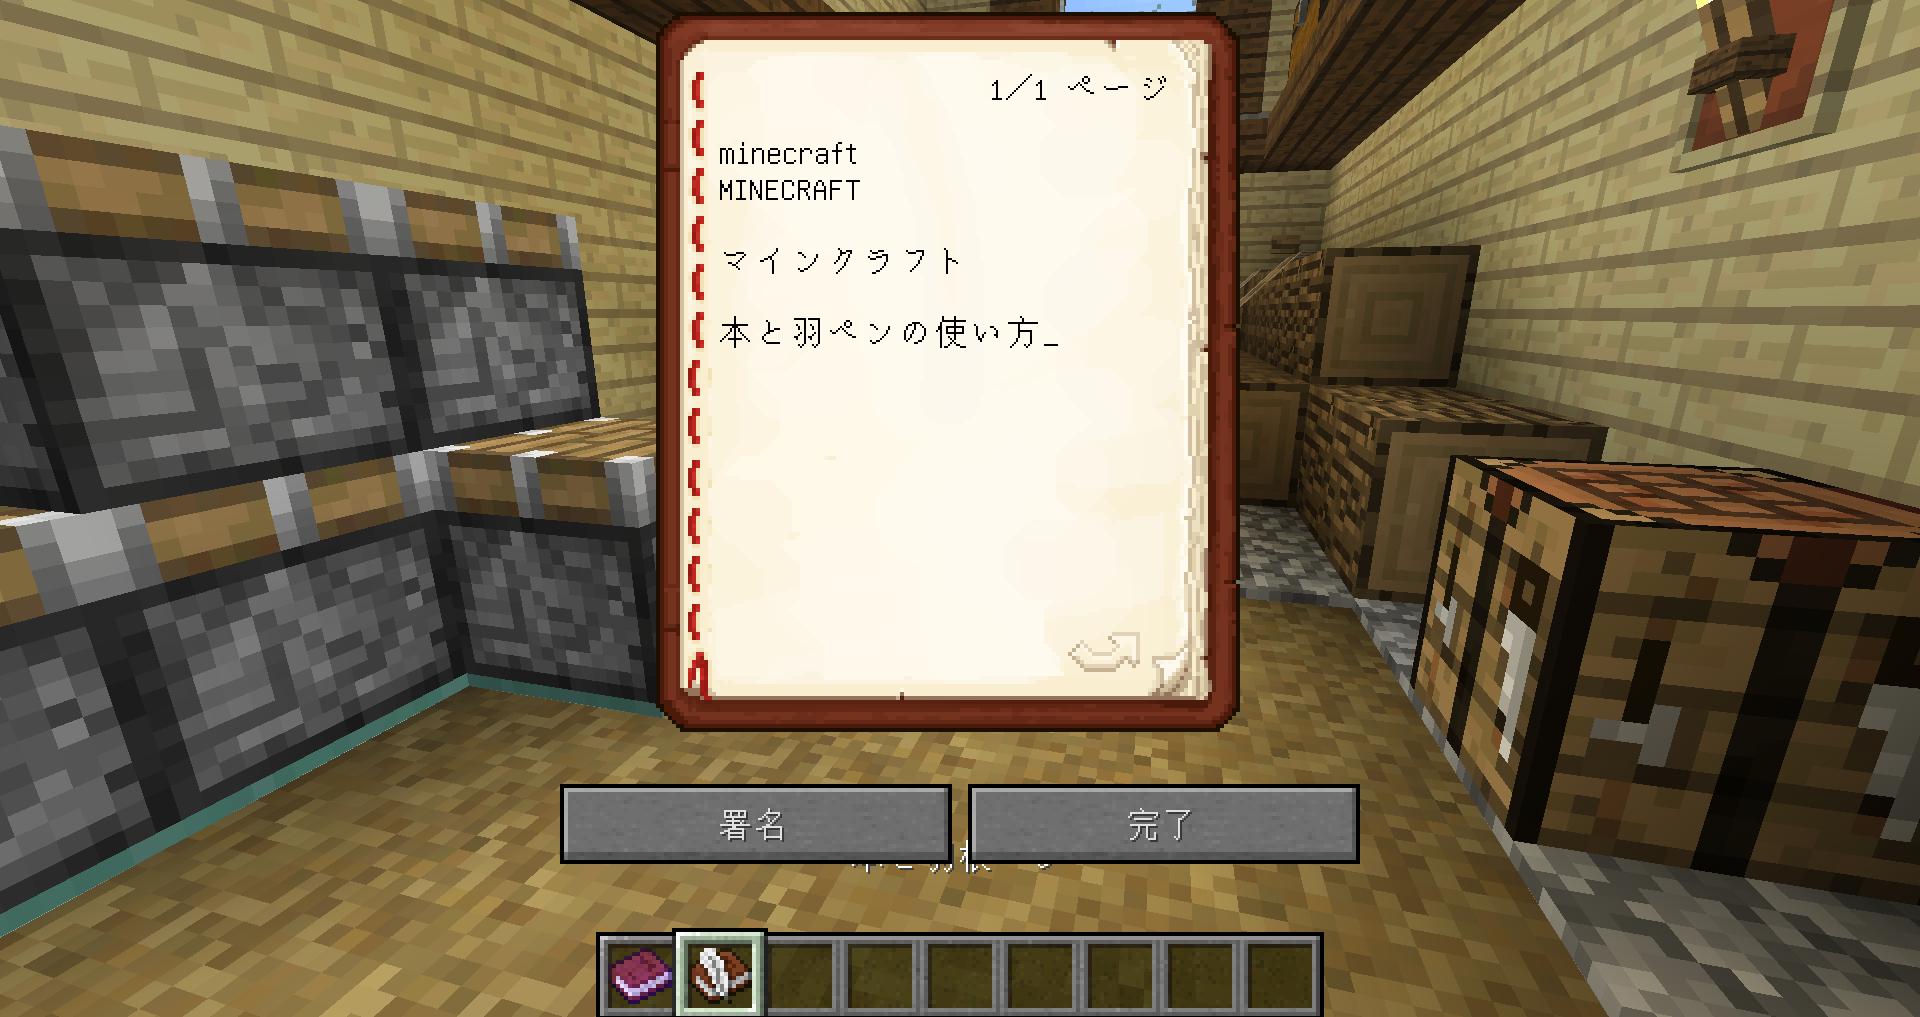 マインクラフト 本と羽ペンの使い方 日本語入力